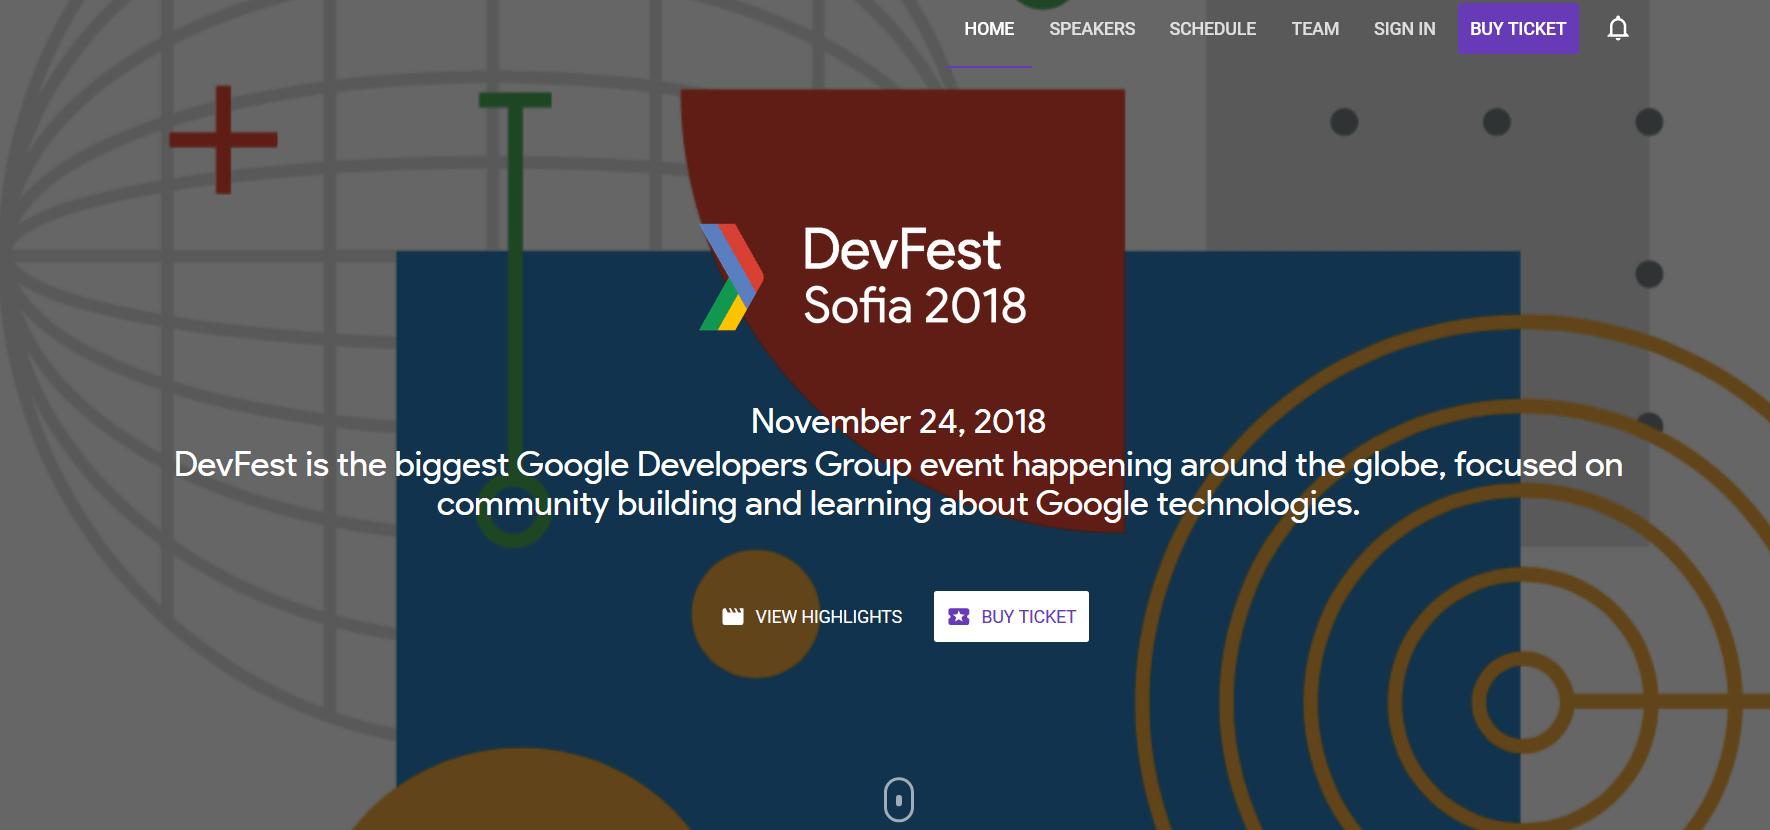 В събитието ще се включат представители на Google, както и